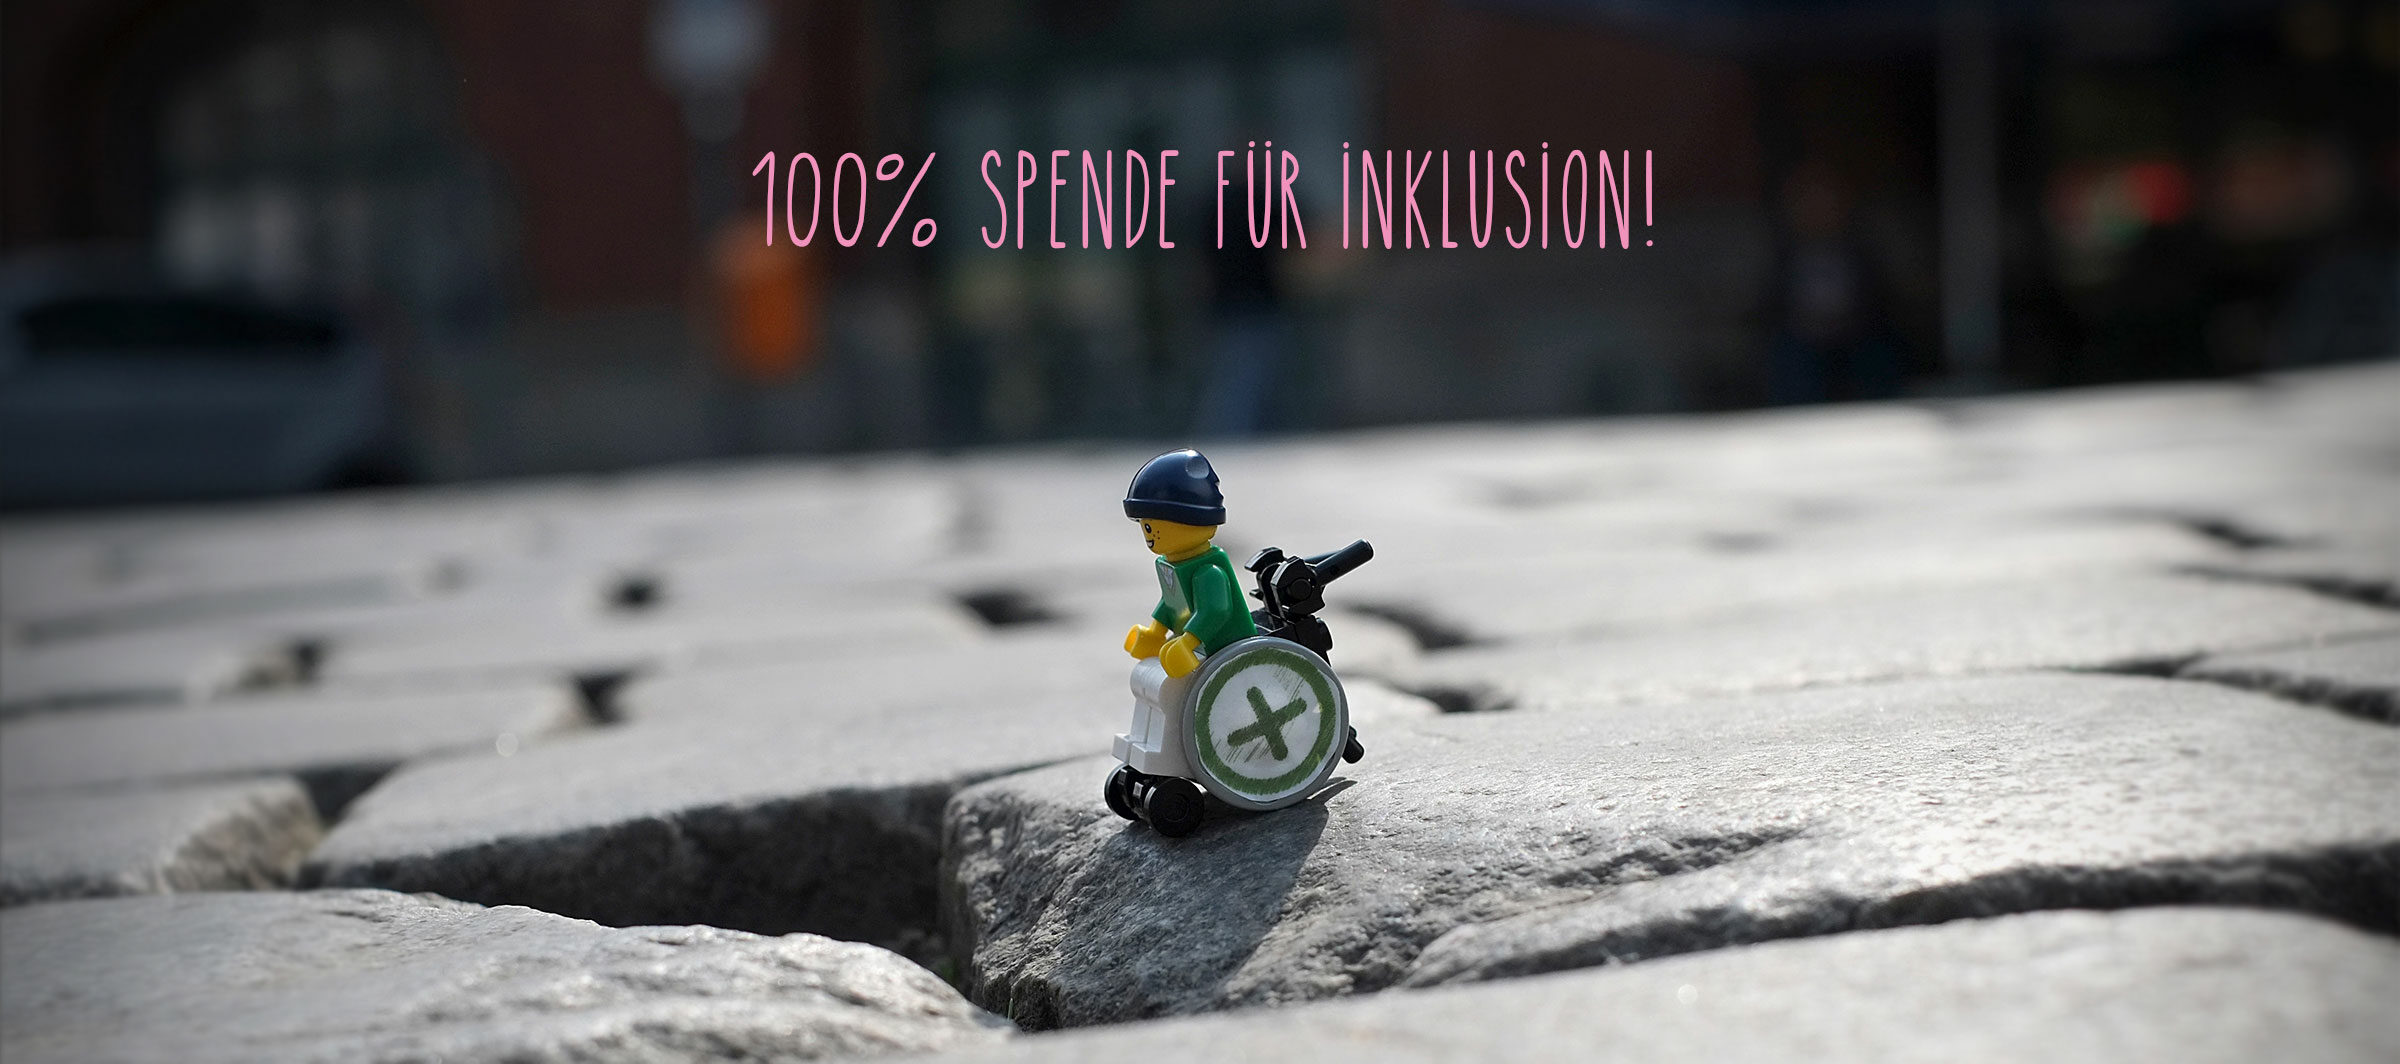 100% Spenden für Inklusion von i+m Naturkosmetik!